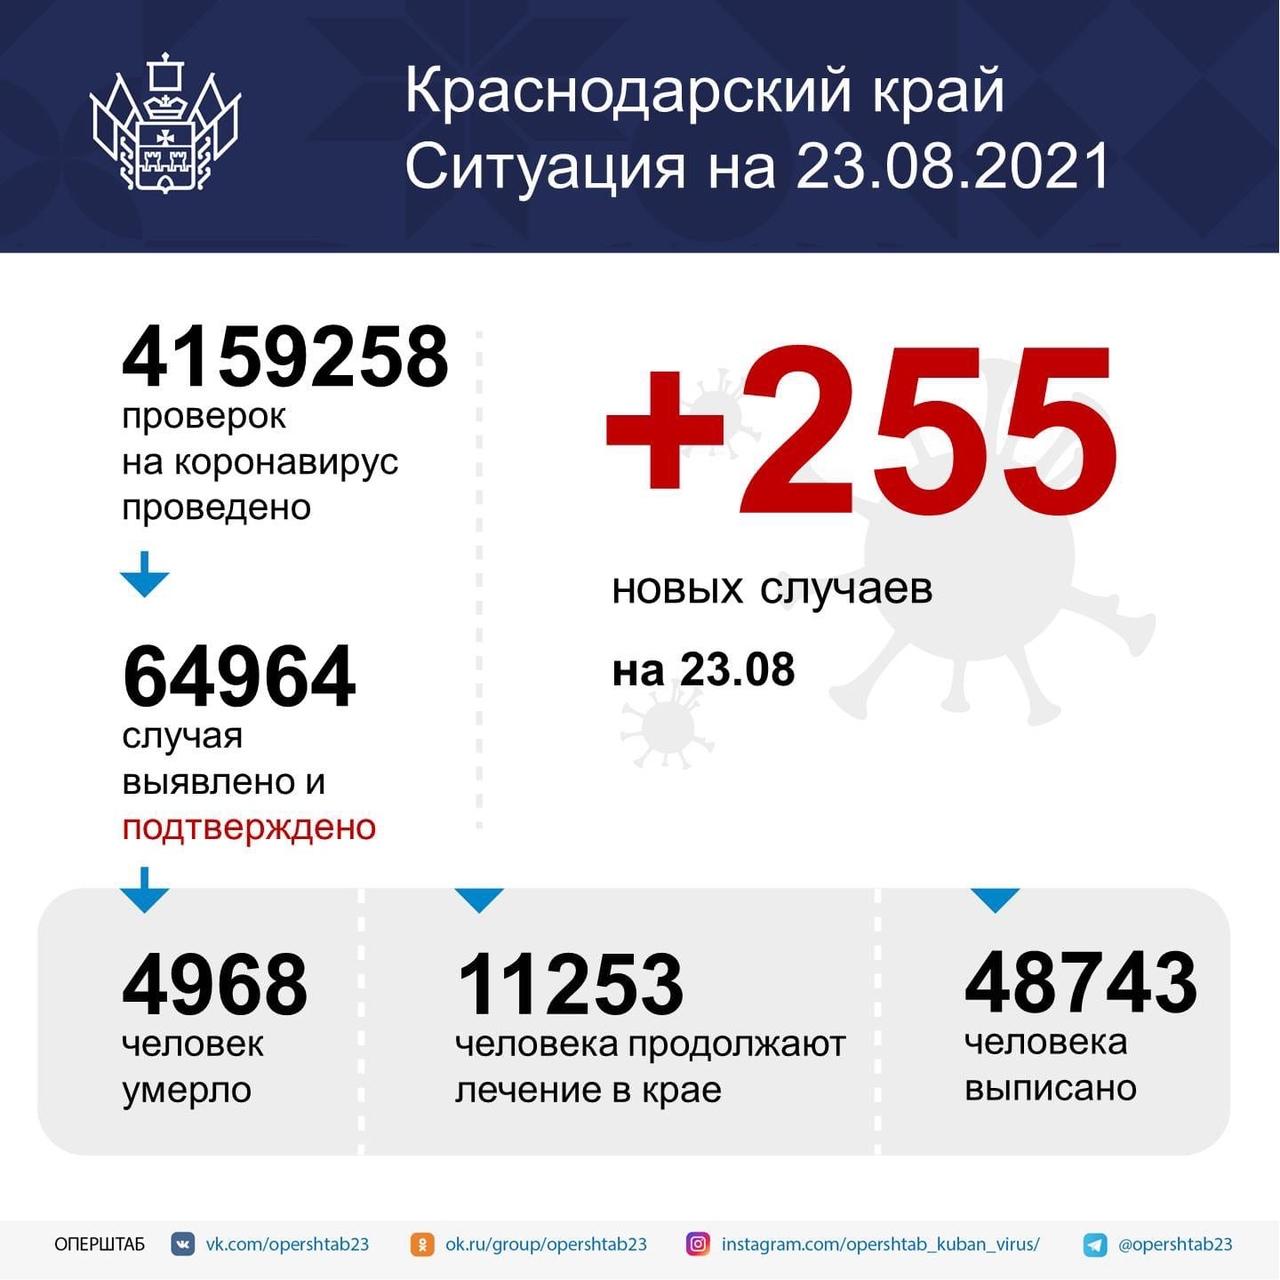 За последние сутки в крае подтвердили 255 новых...